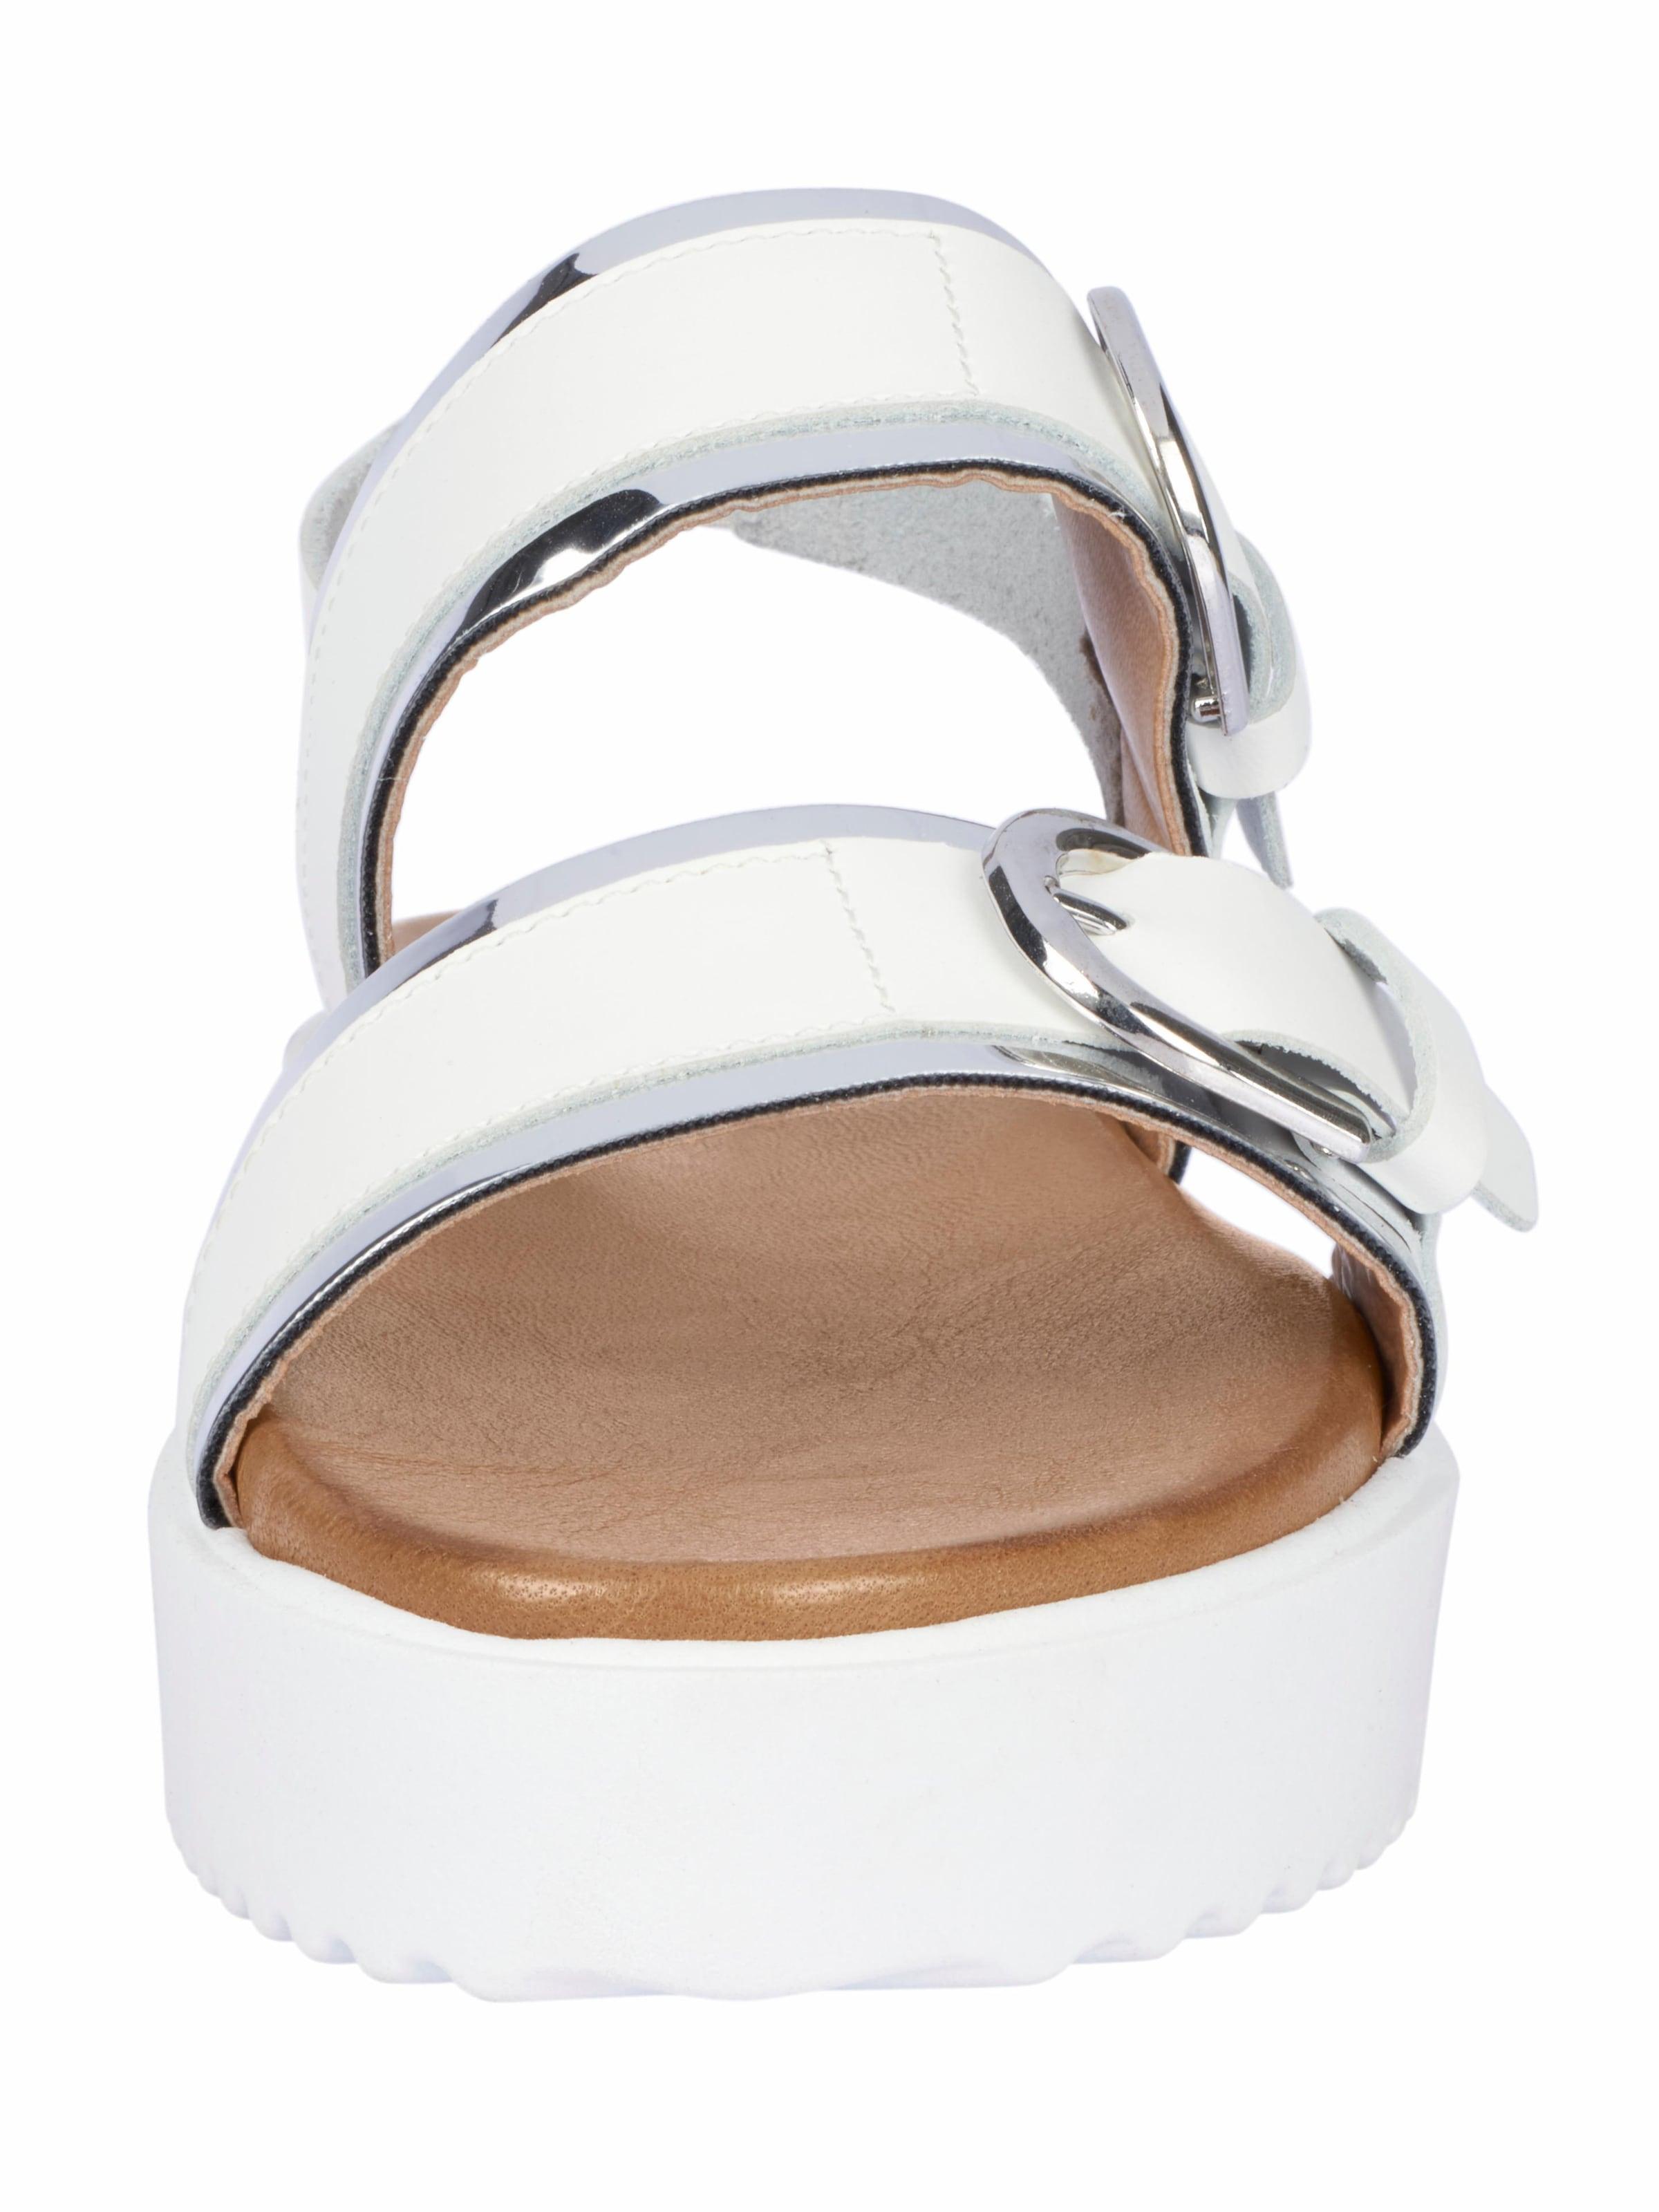 Verkauf Exklusiv Webseiten Günstig Online heine Sandalette mit Zierschließen Rabatt Für Billig tmcke